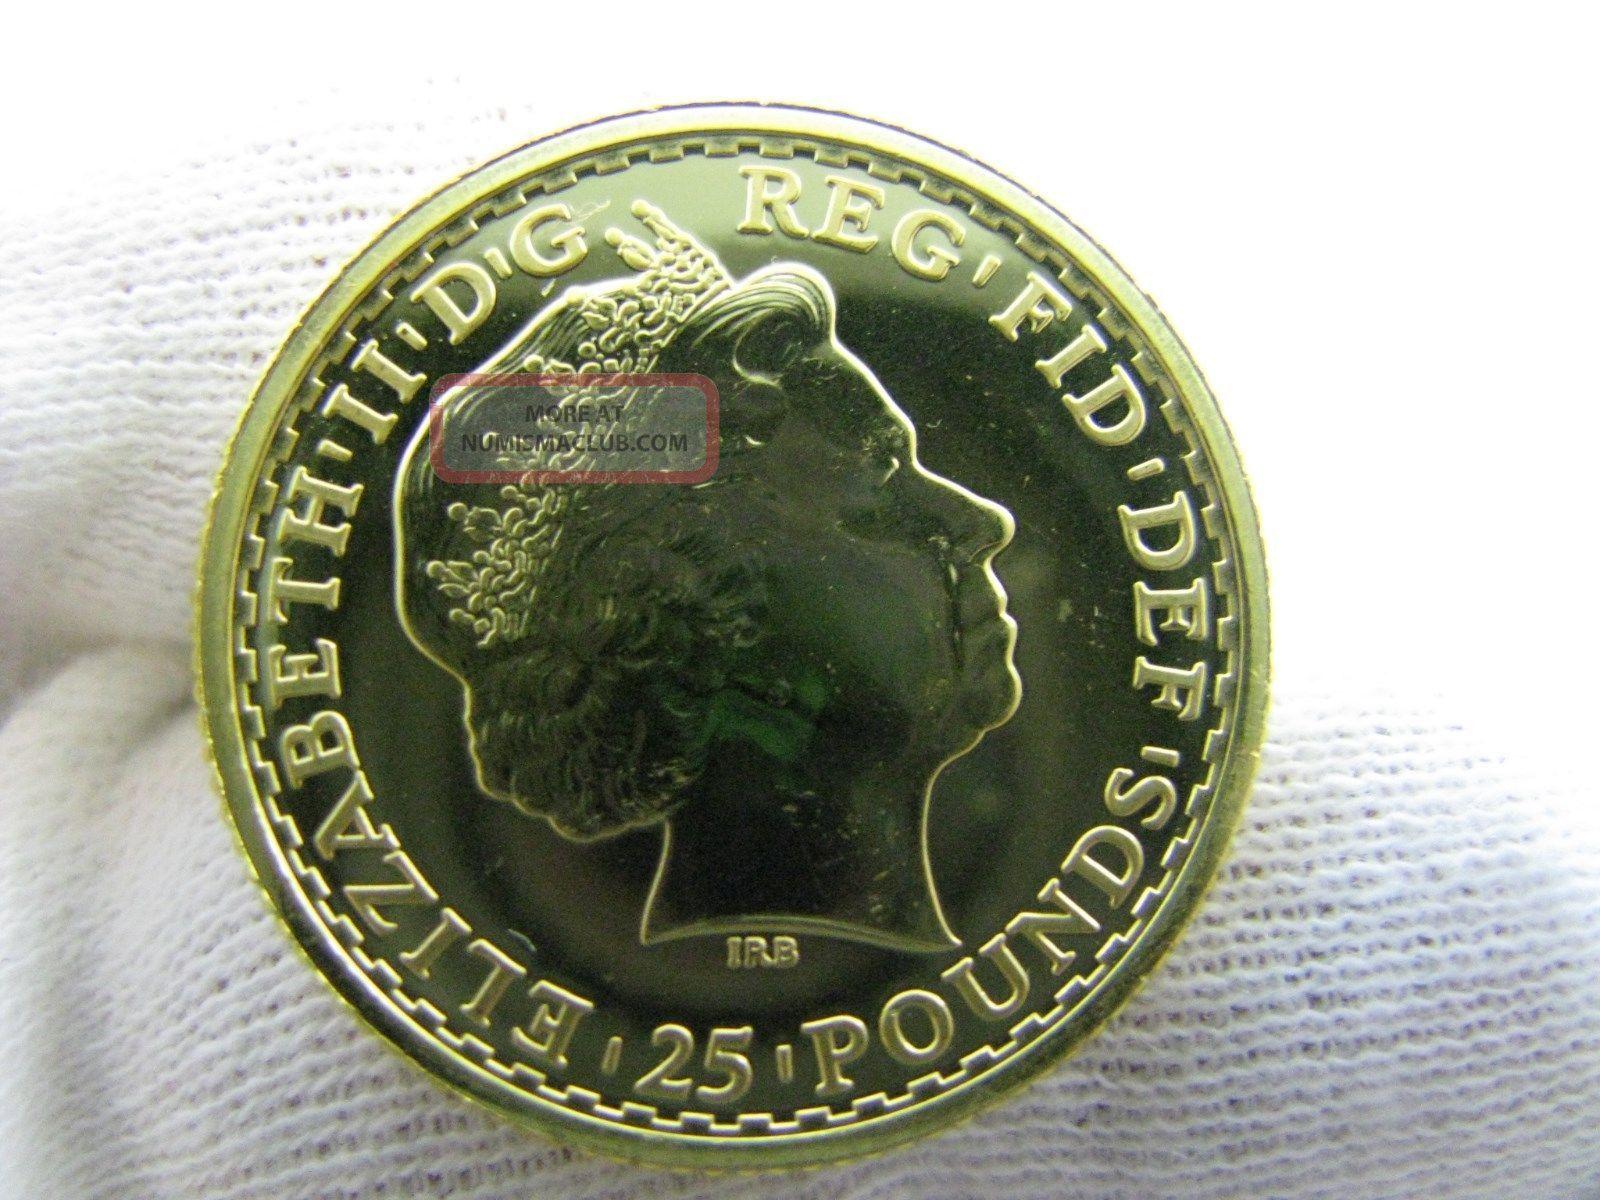 2014 1 4 Oz Gold Britannia Gold Coin 25 Oz 999 9 25 Pounds Royal Uk